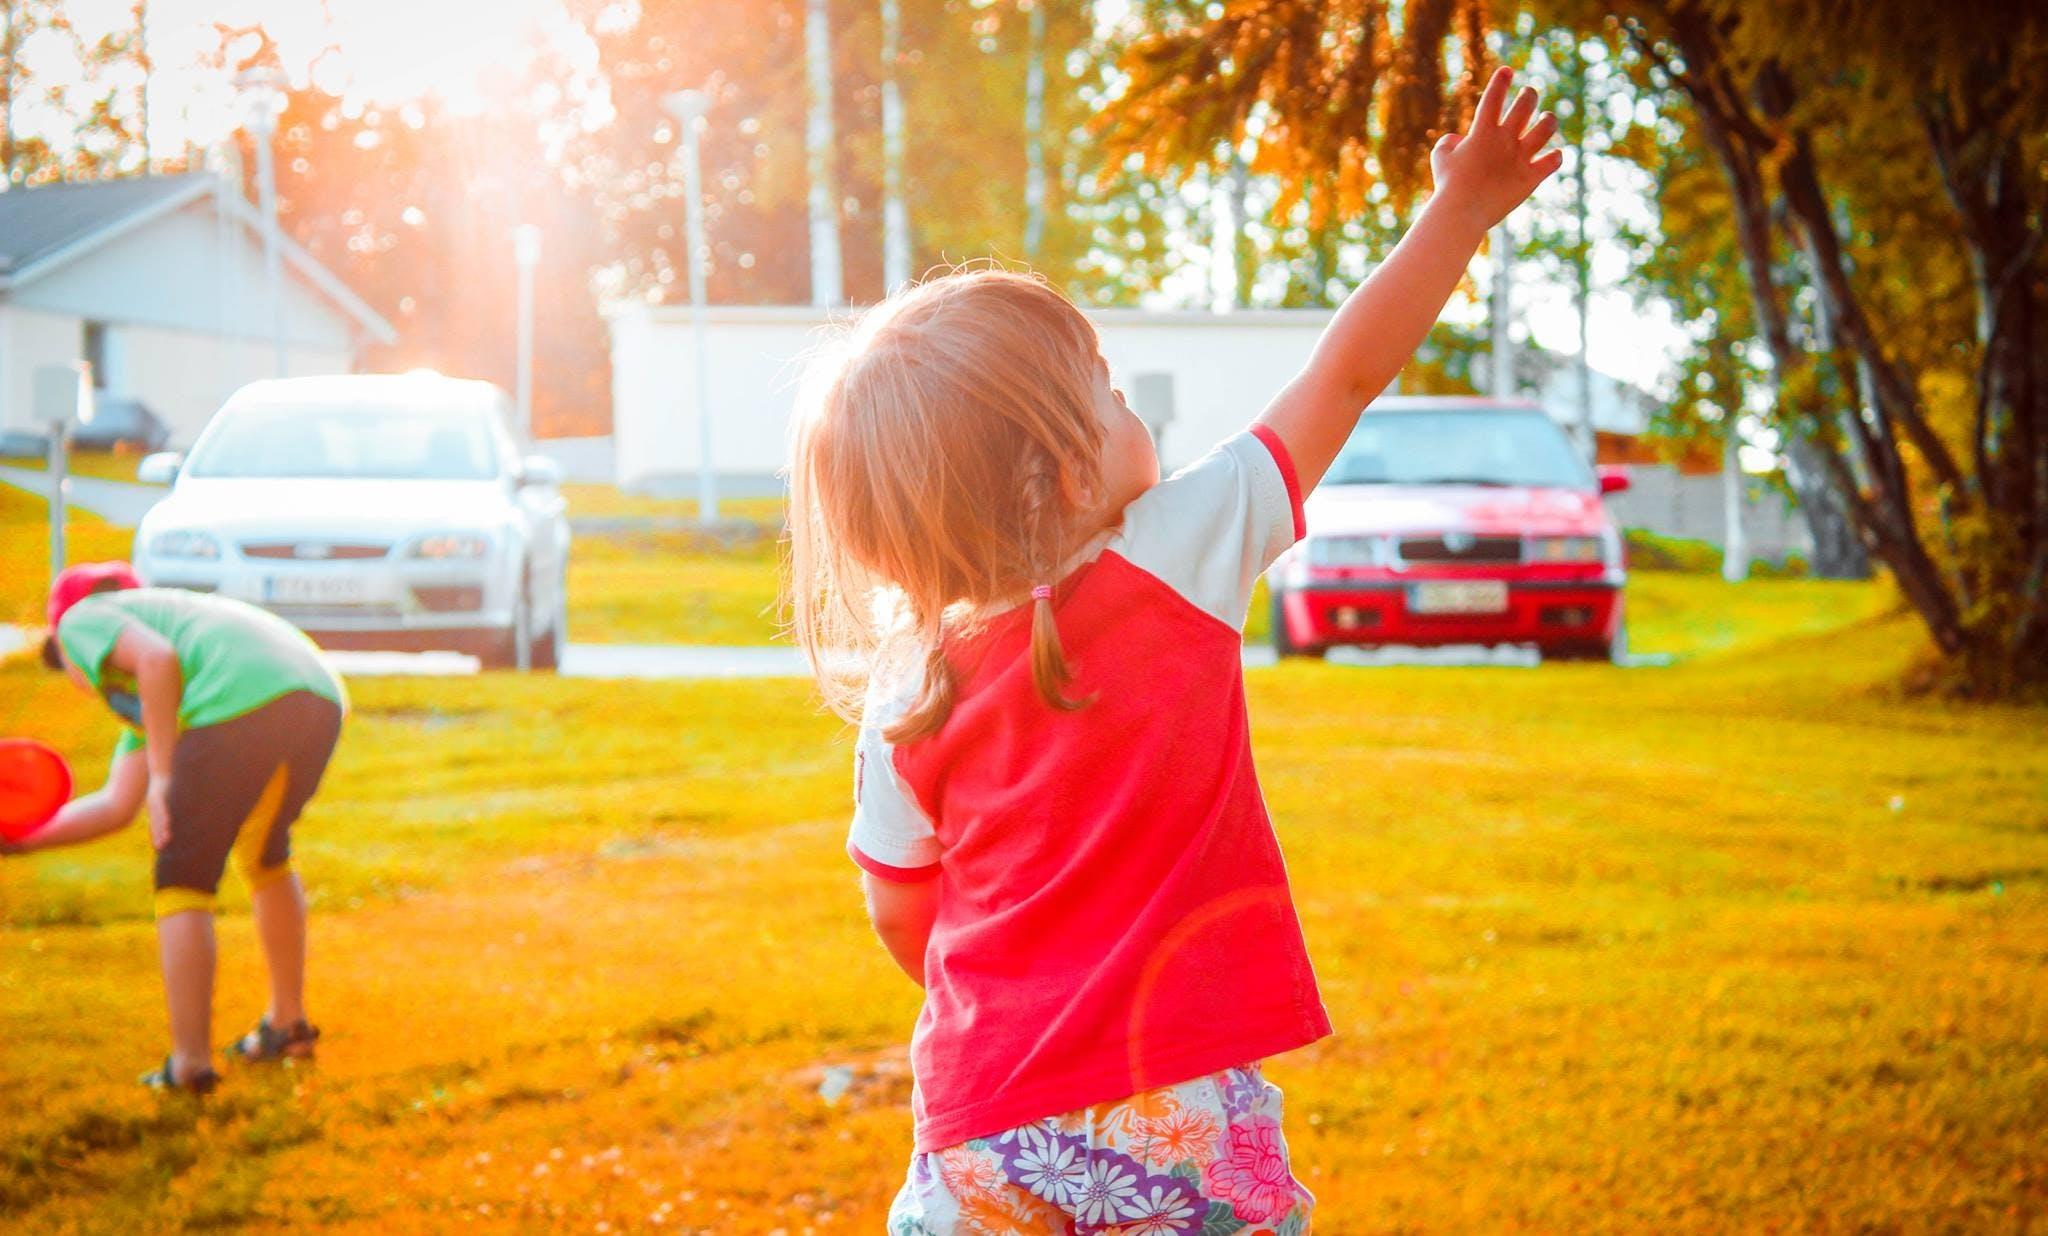 Kostenloses Stock Foto zu kinder, mädchen, spielen